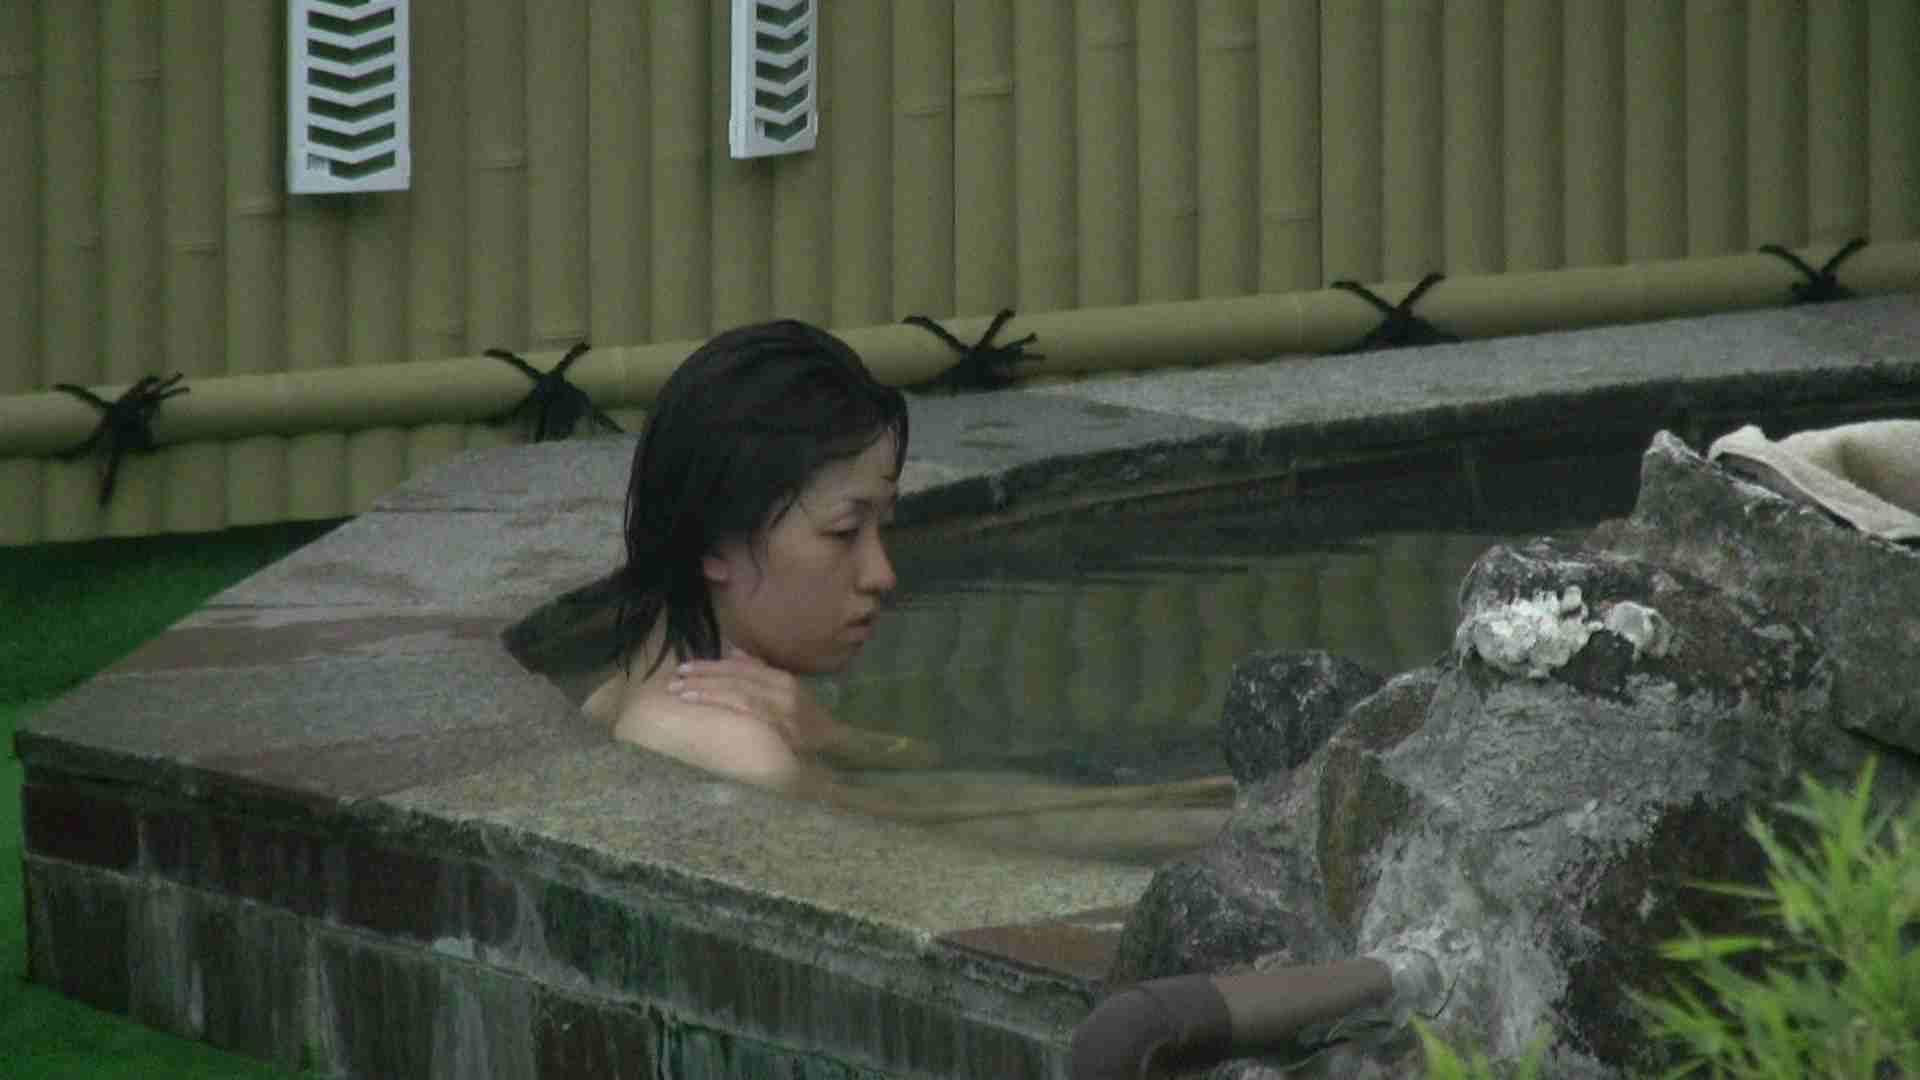 Aquaな露天風呂Vol.170 盗撮  54画像 6